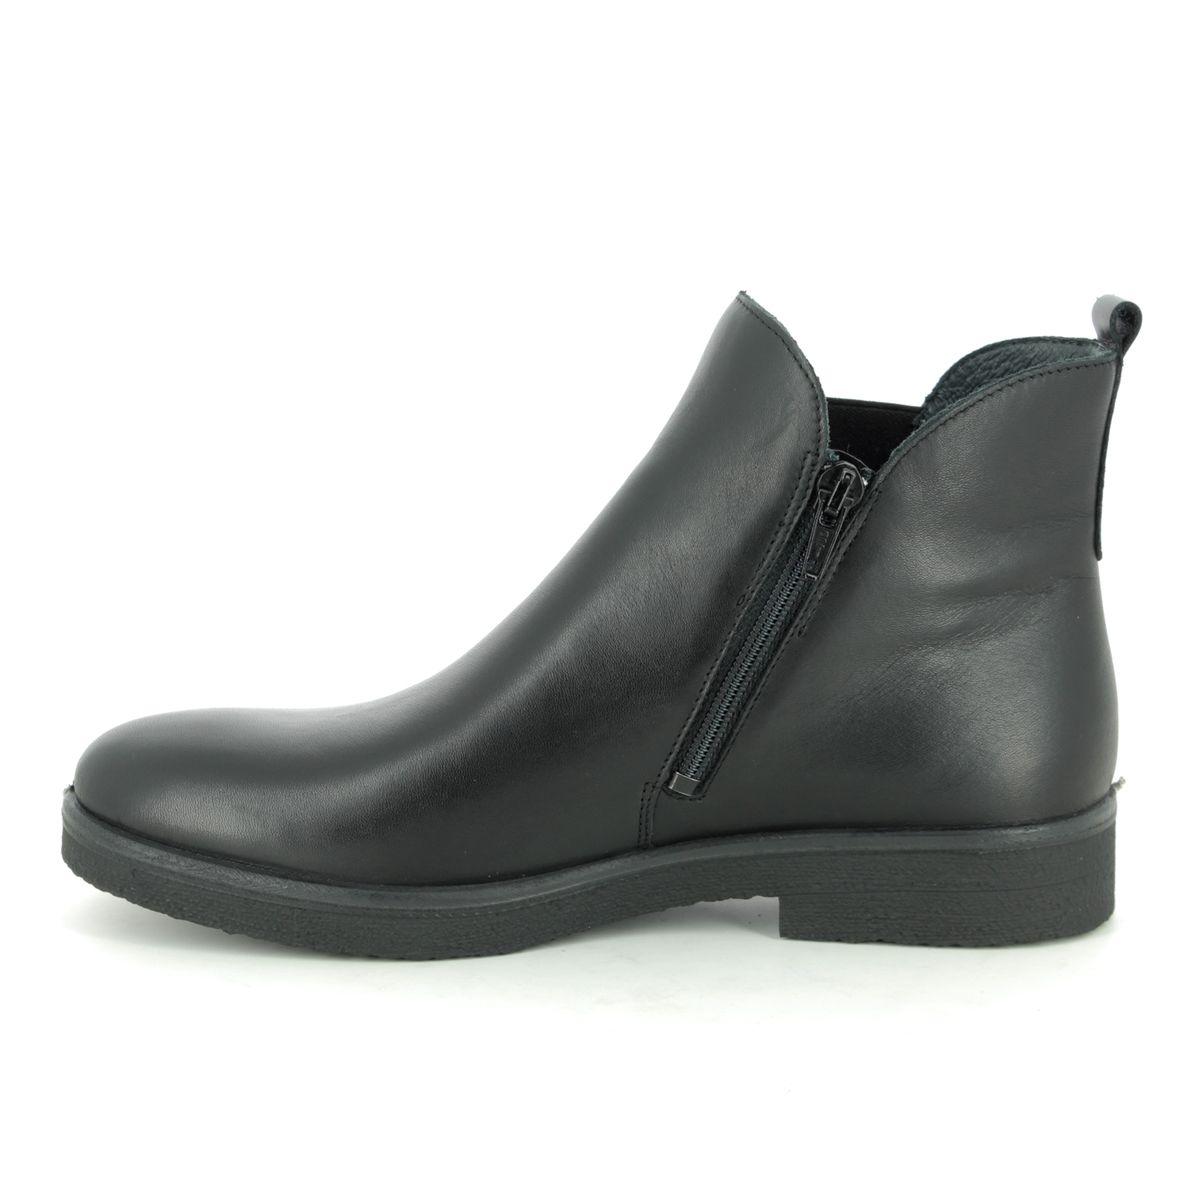 Legero Soana 1 00684 01, Damen Chelsea Boots